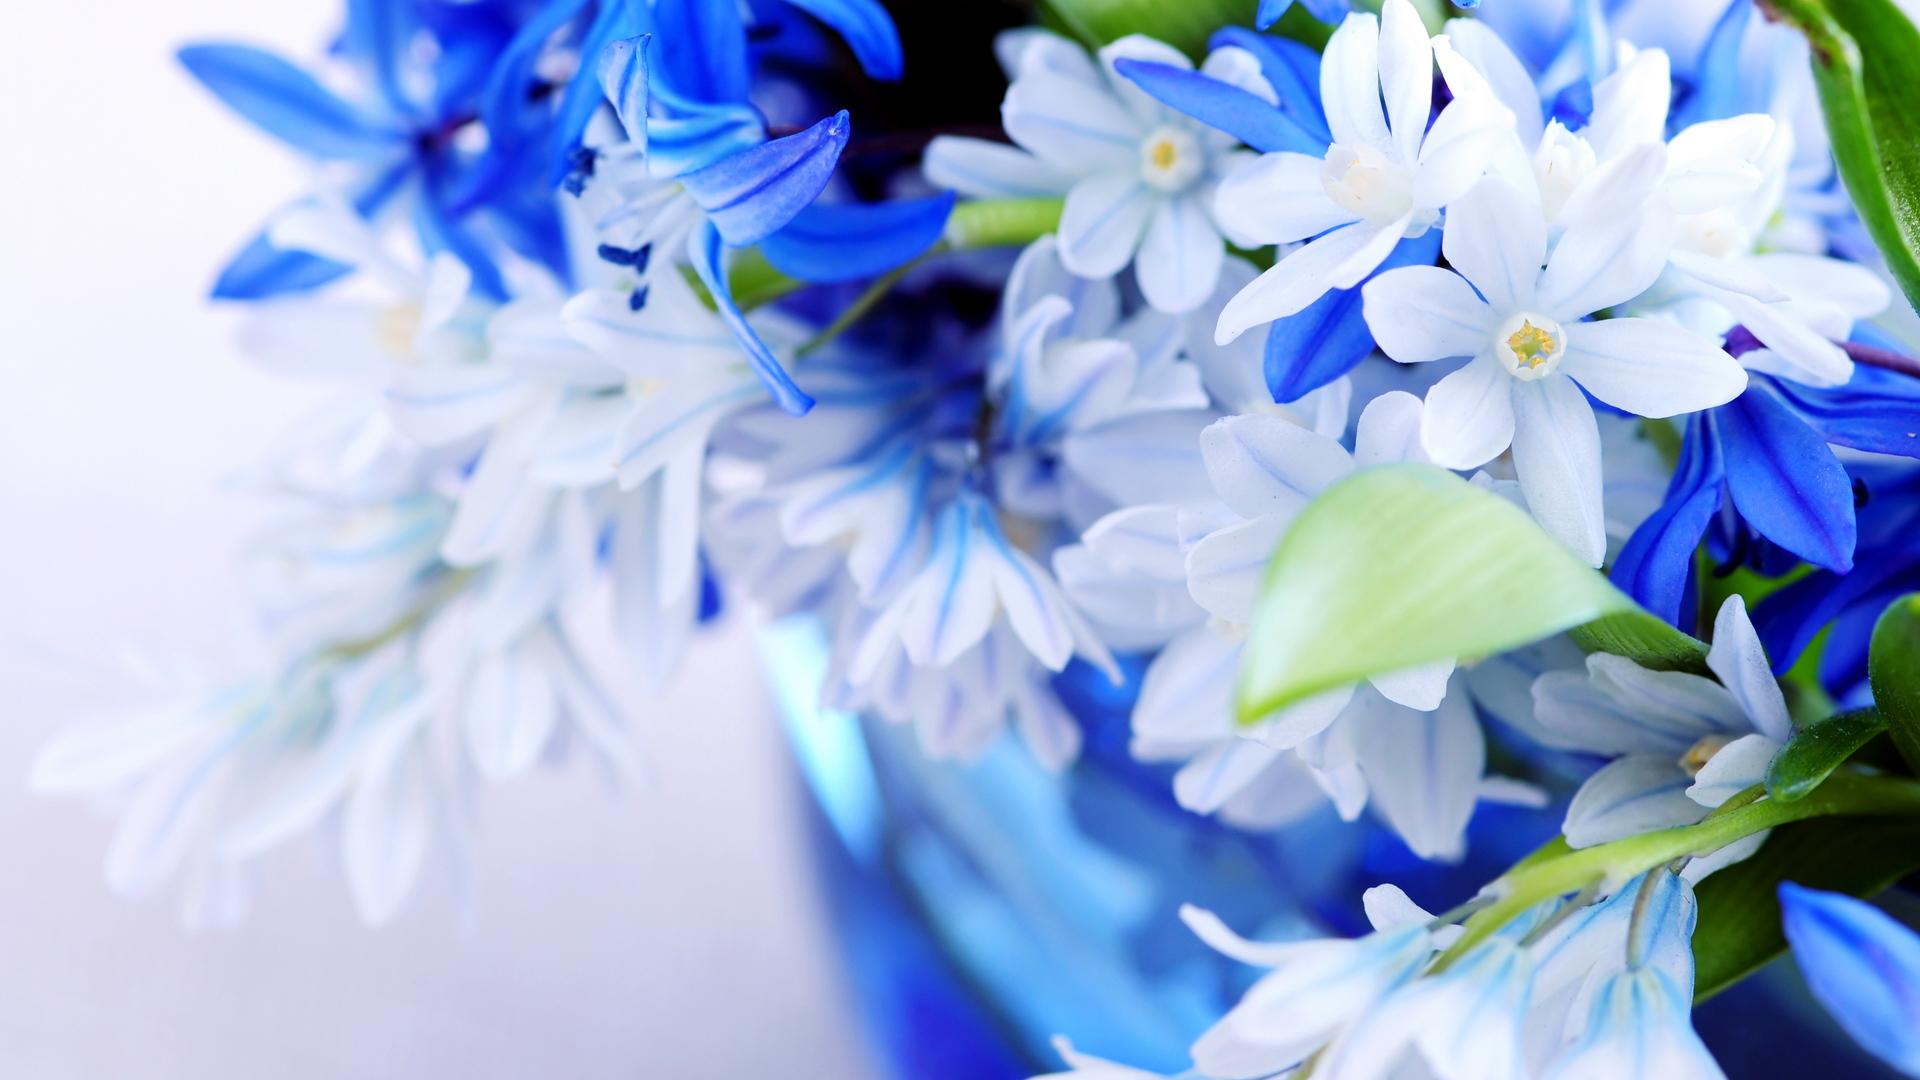 26320 скачать обои Растения, Цветы - заставки и картинки бесплатно